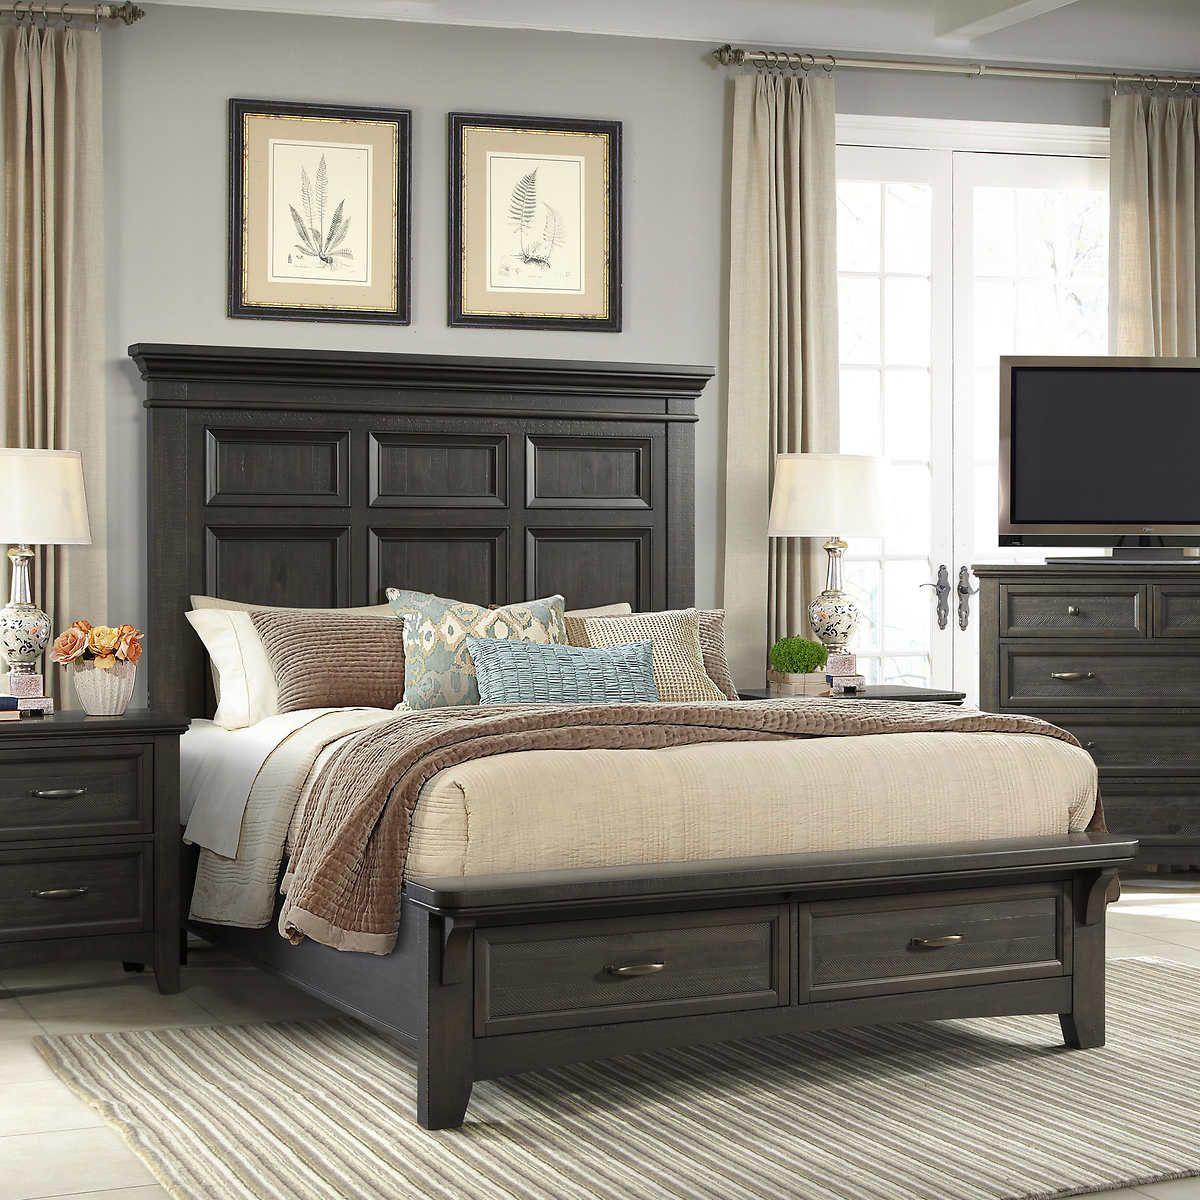 Riley Park Queen Bed Bed, King beds, Queen beds